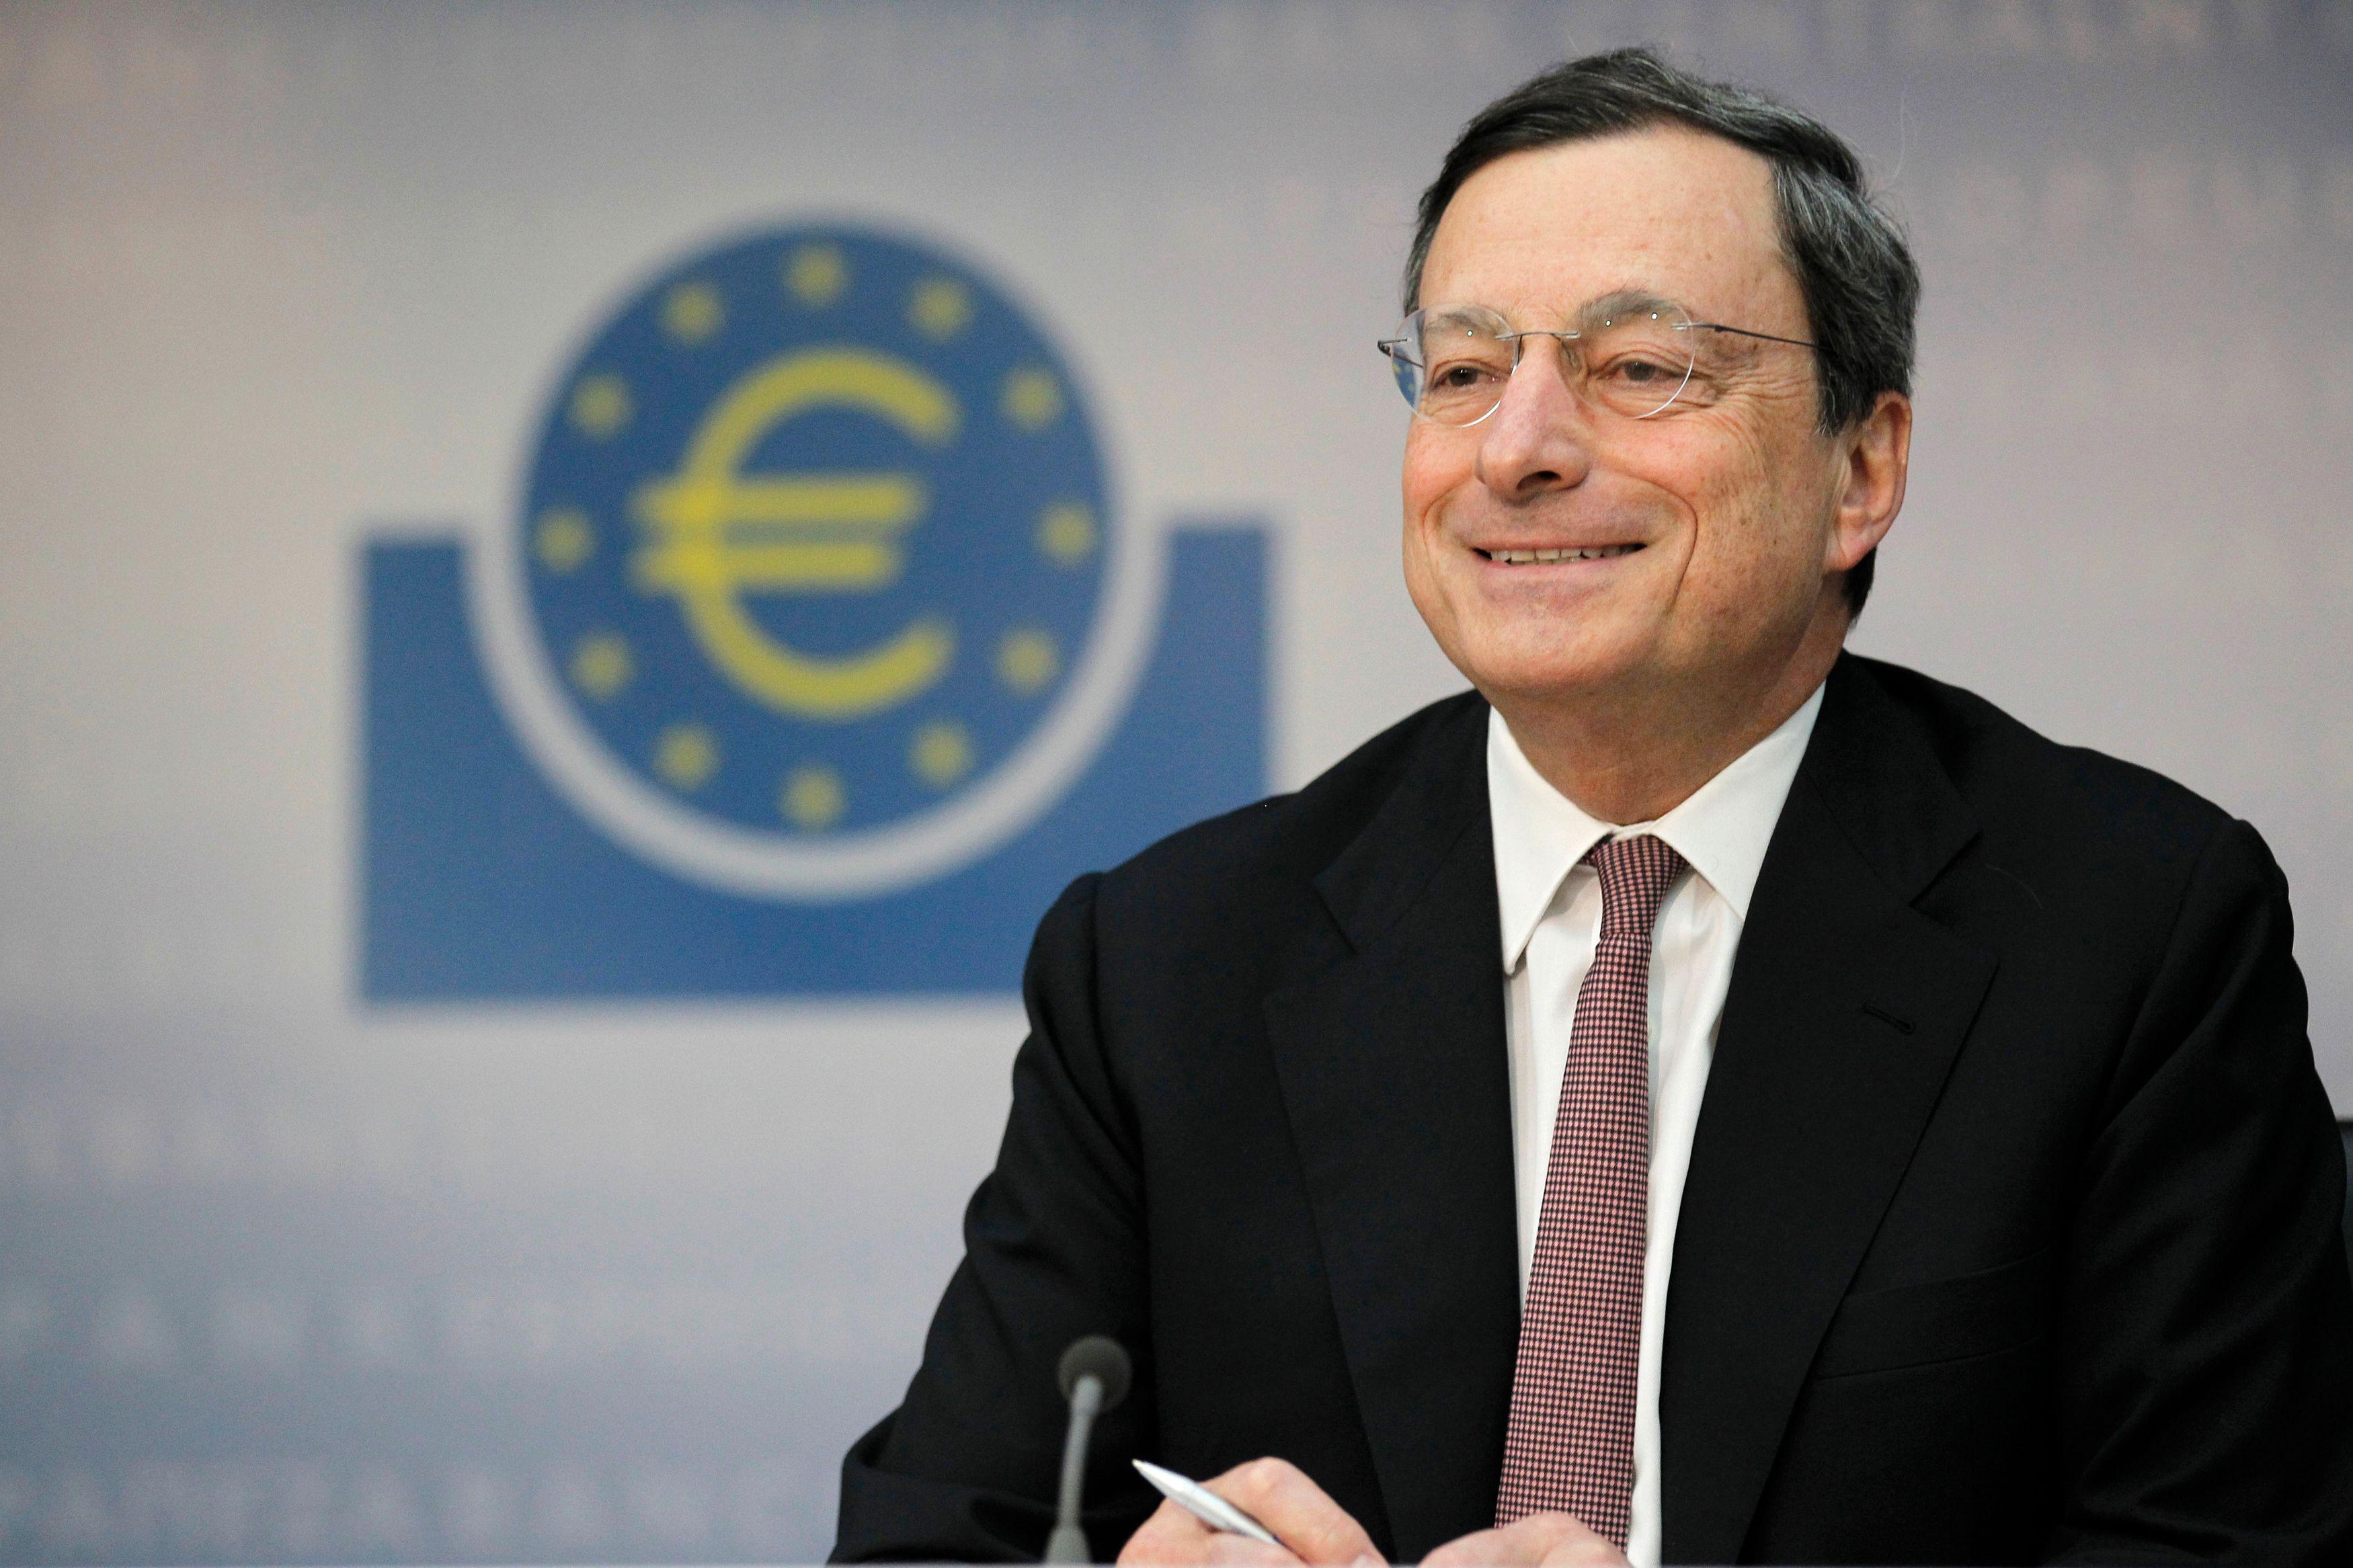 """Le président de la BCE s'est engagé à faire """"tout ce qui est nécessaire pour sauver la zone euro"""". Il sera jugé ce jeudi par les investisseurs."""